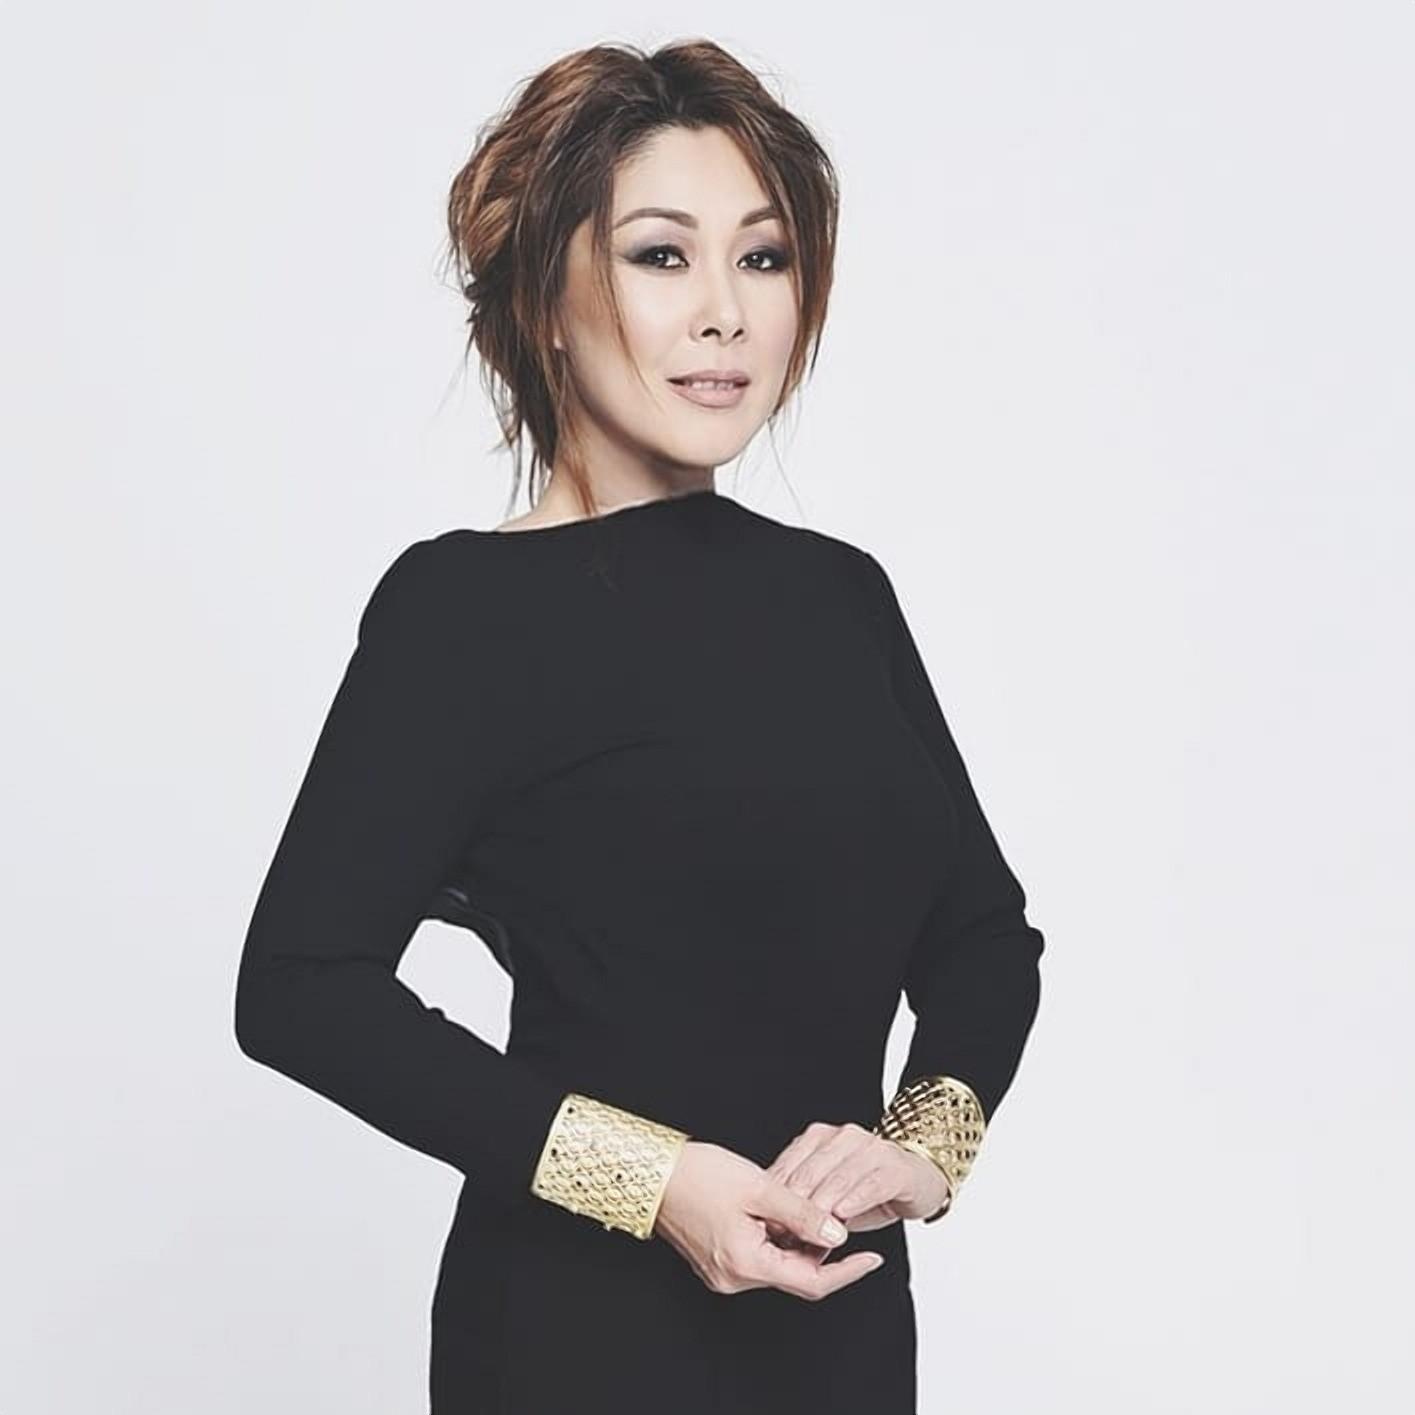 Стала известна причина, по которой Анита Цой попала в больницу